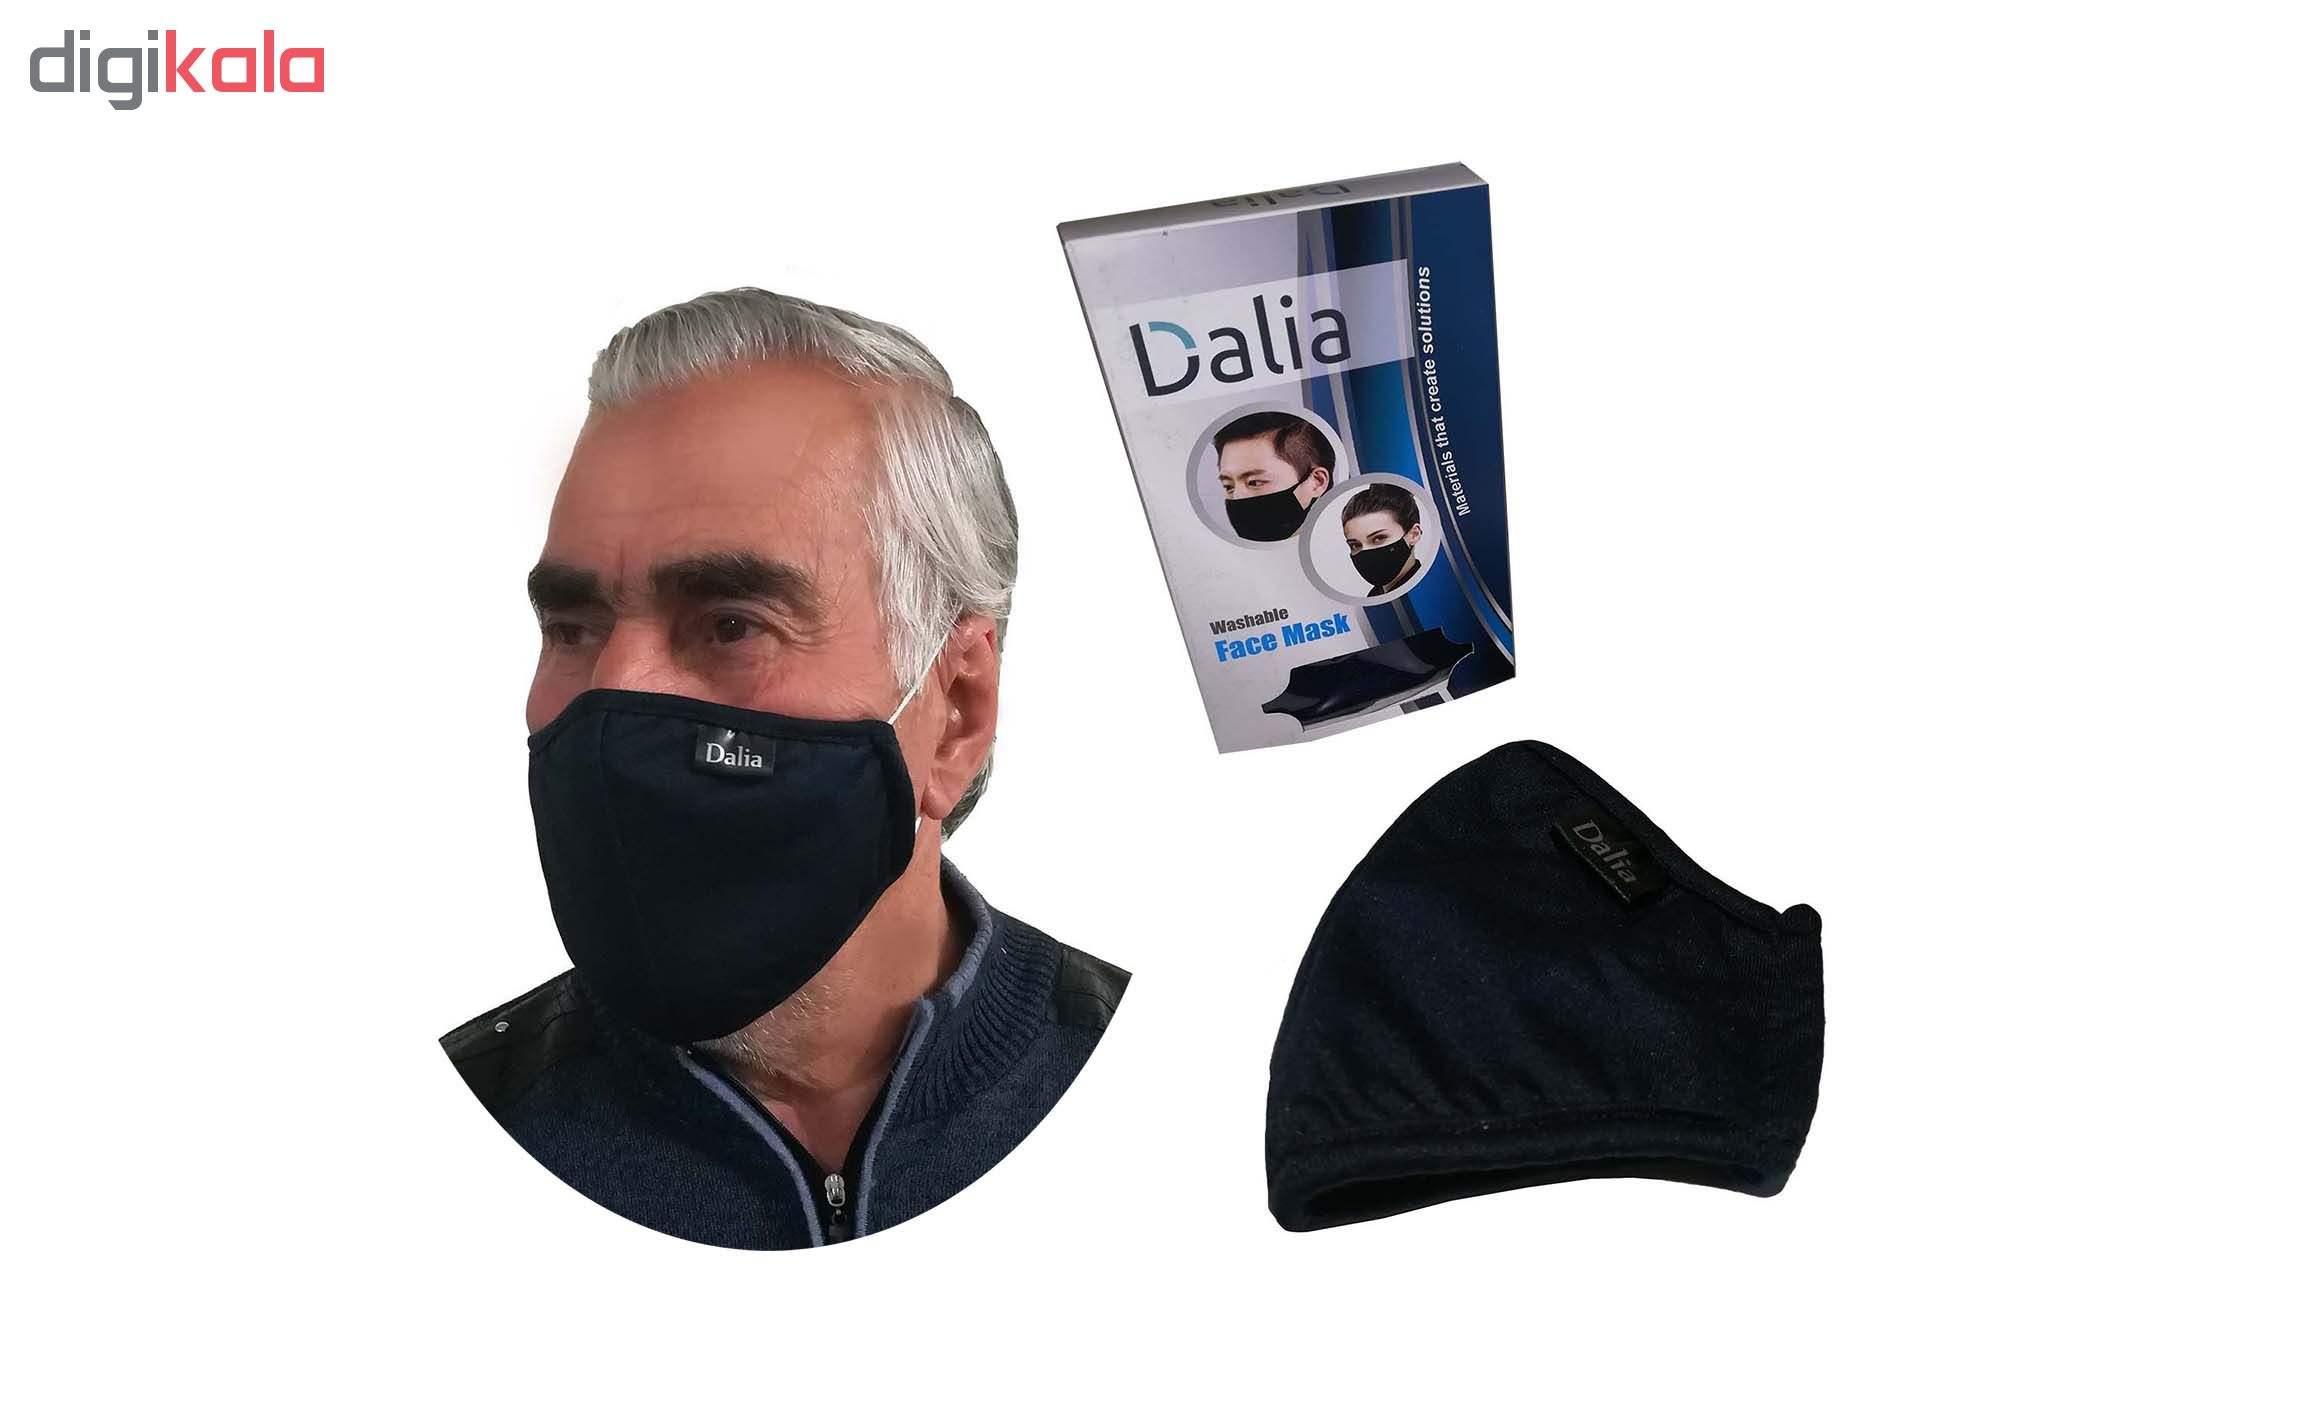 ماسک تنفسی نخی قابل شستشو دالیا مدل V1 main 1 1